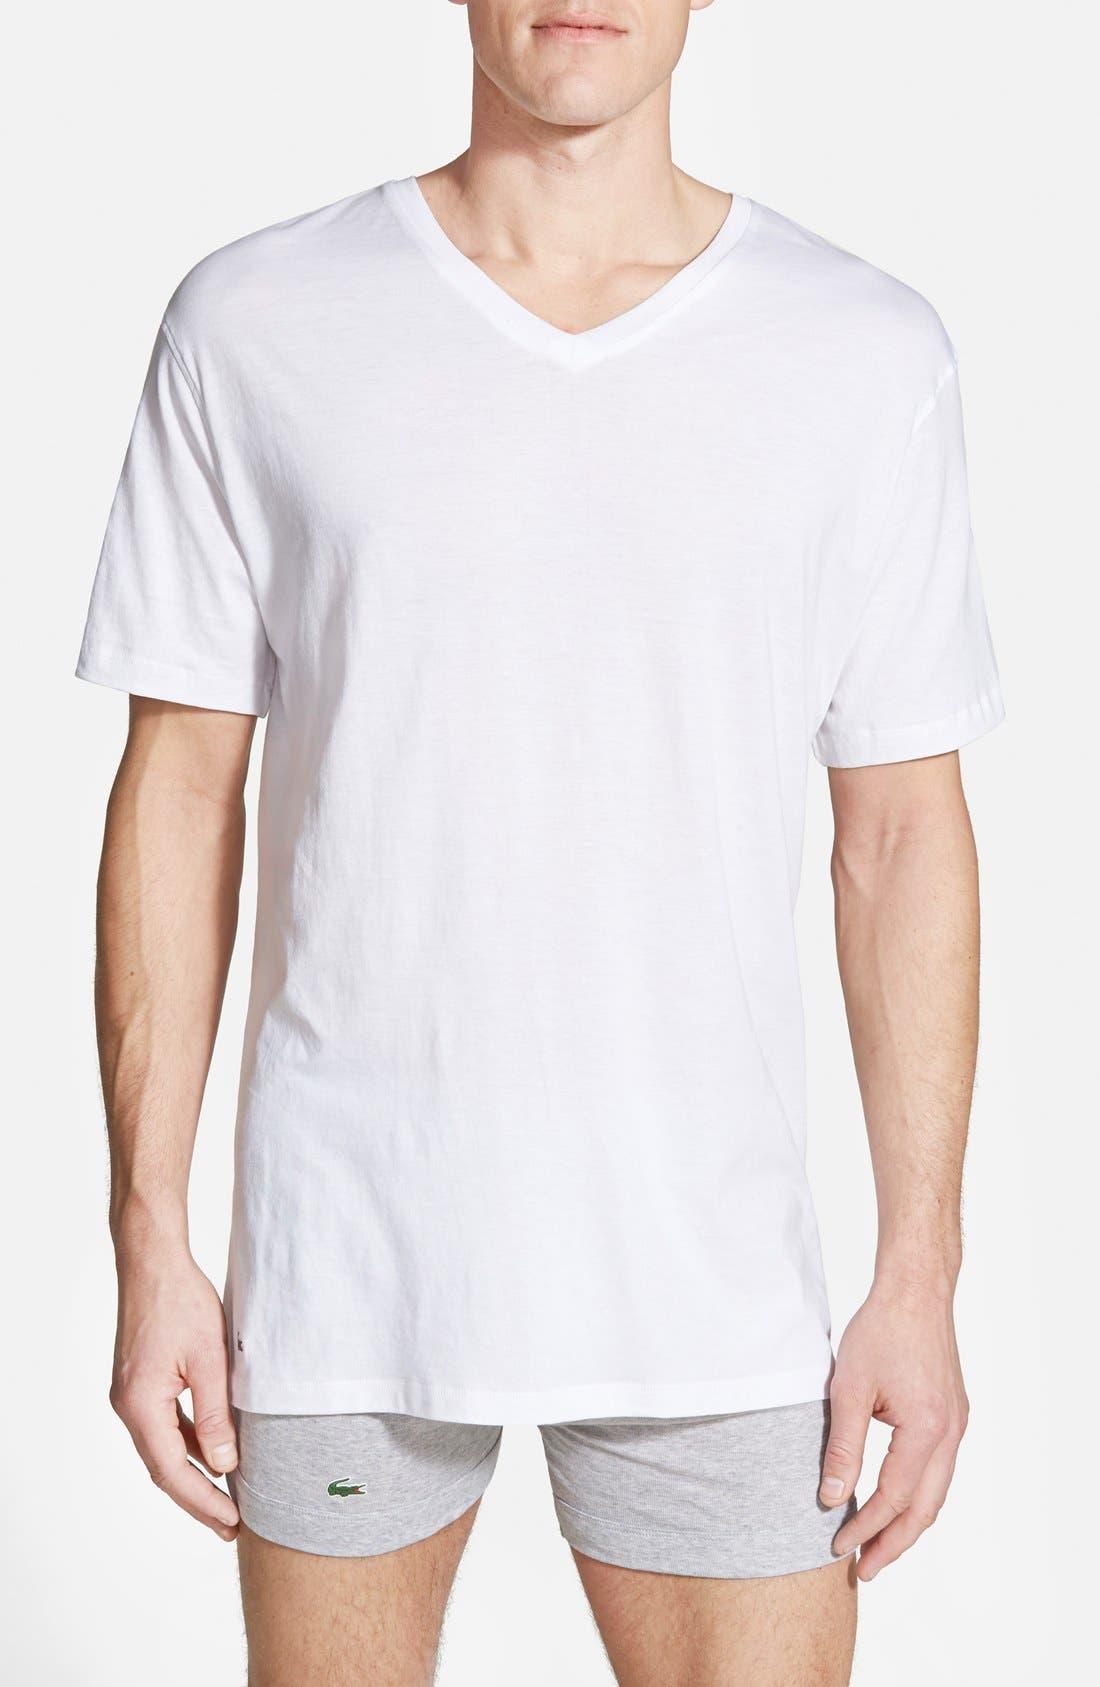 Supima<sup>®</sup> Cotton V-Neck T-Shirt,                             Main thumbnail 1, color,                             White